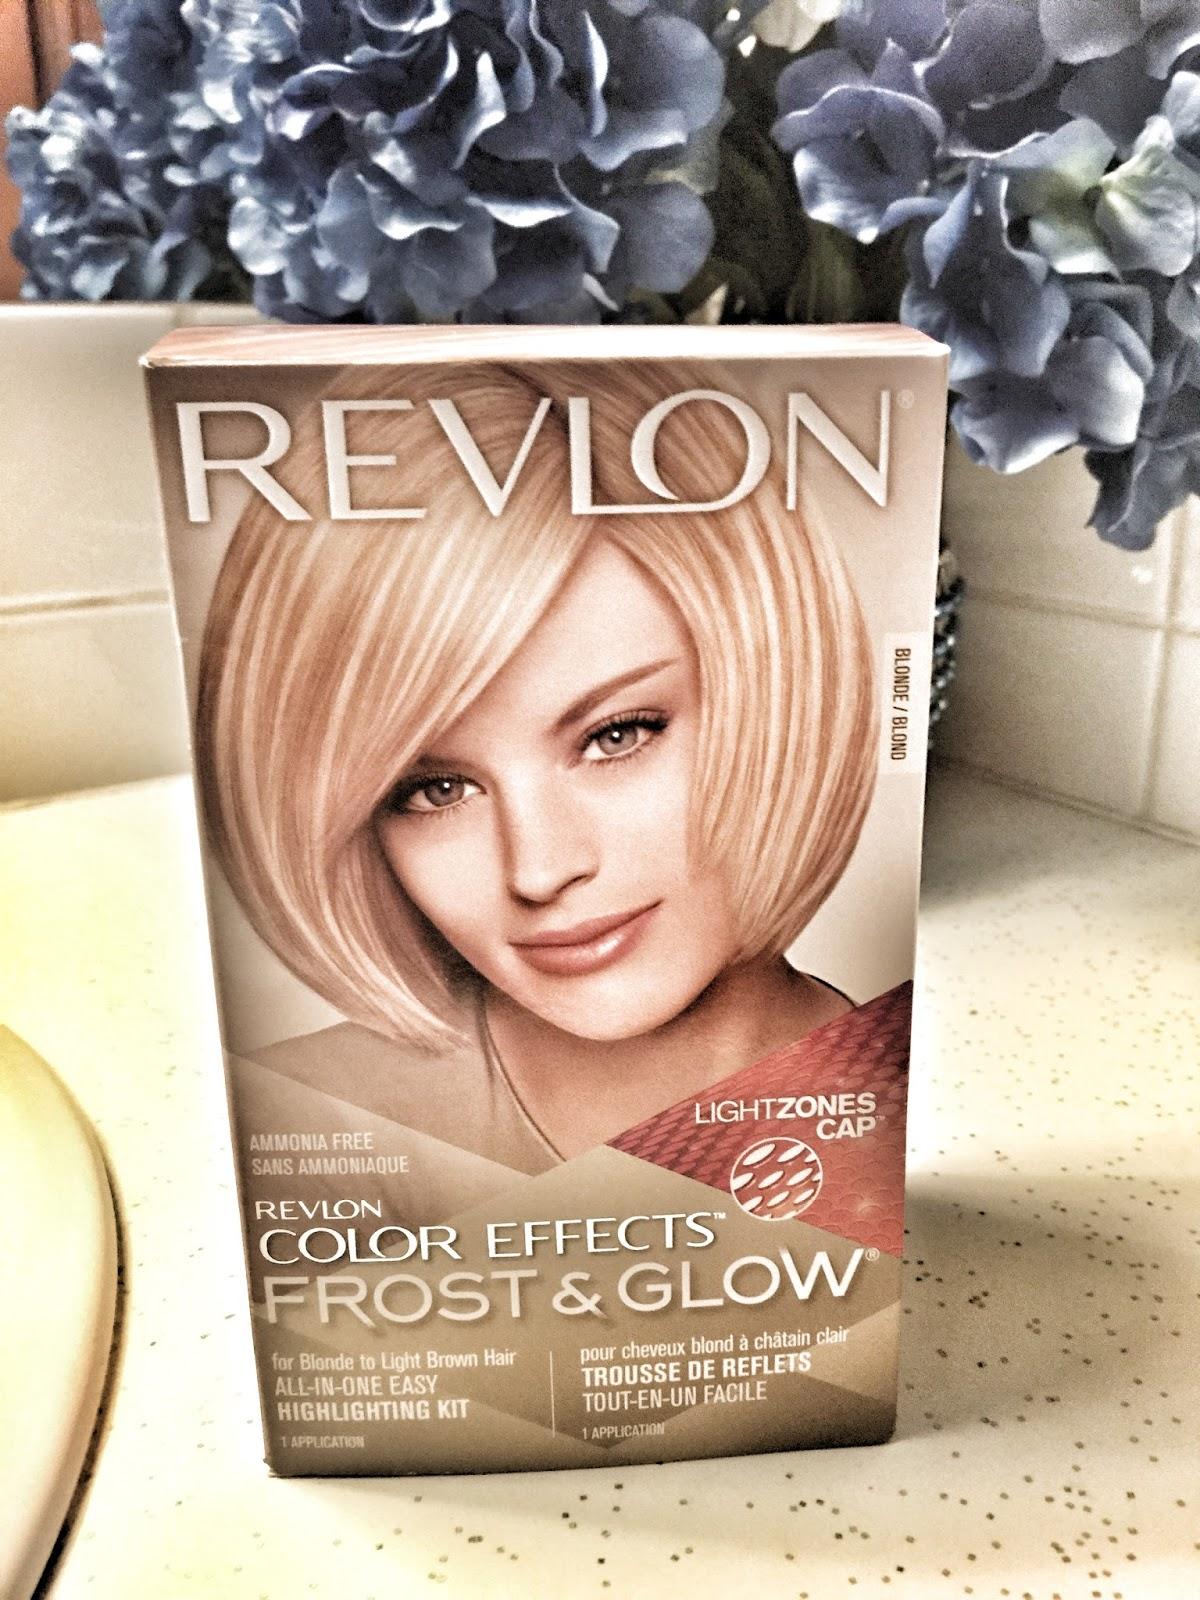 Best Highlighting Kit For Blonde Hair Best Image Of Blonde Hair 2018